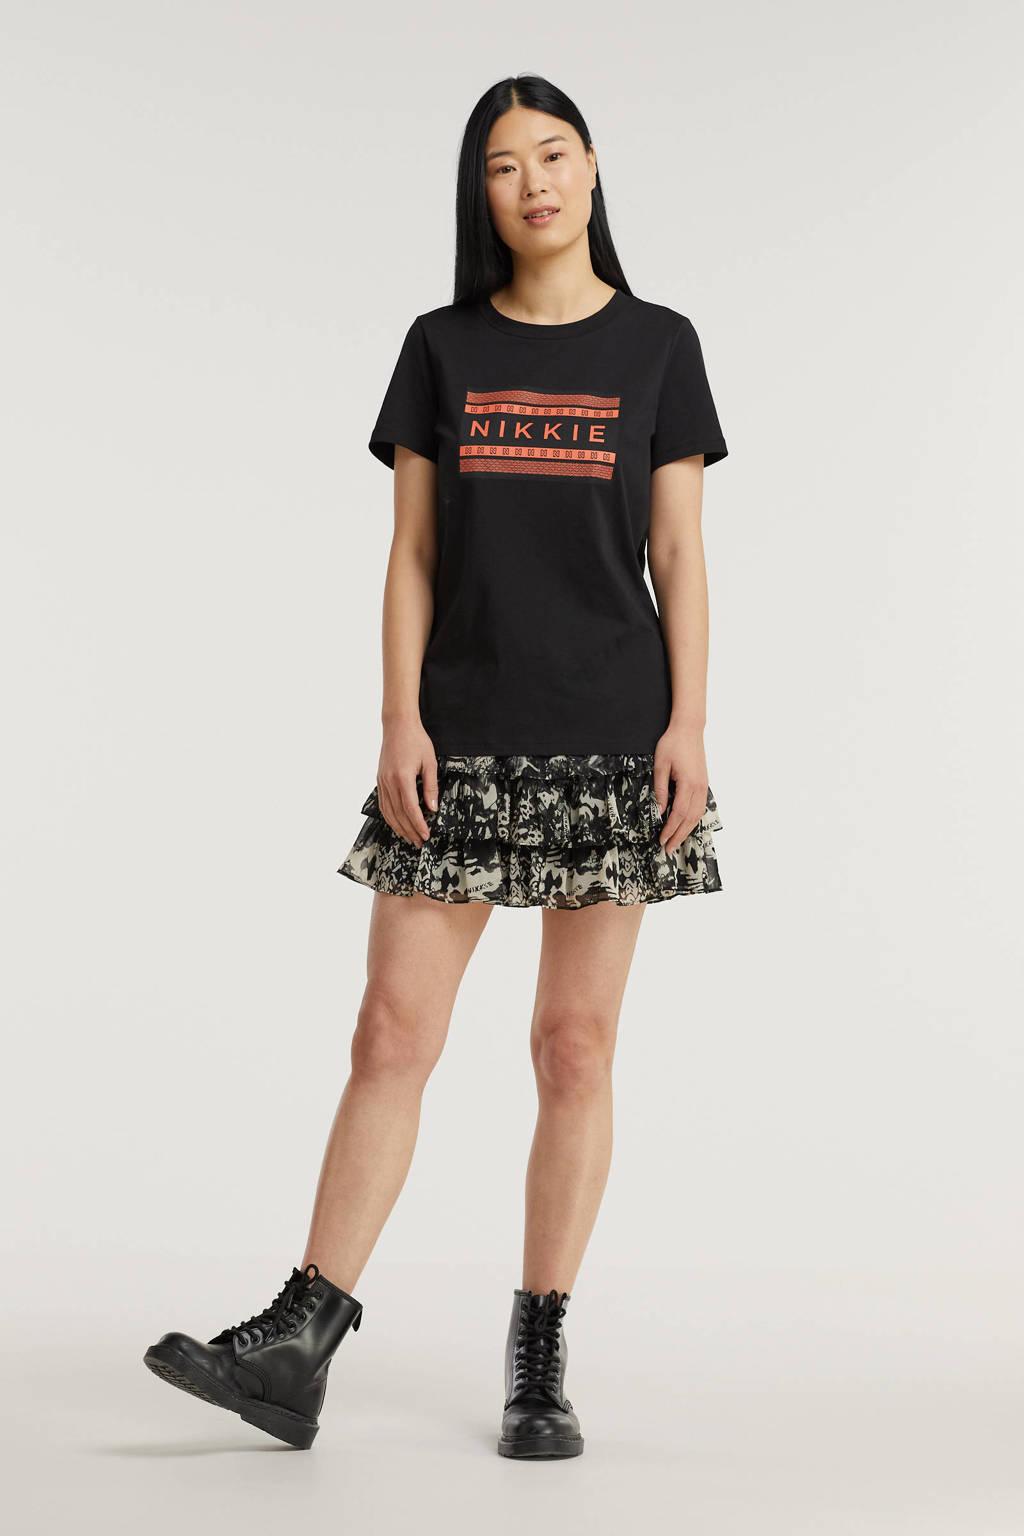 NIKKIE T-shirt met logo zwart, Zwart